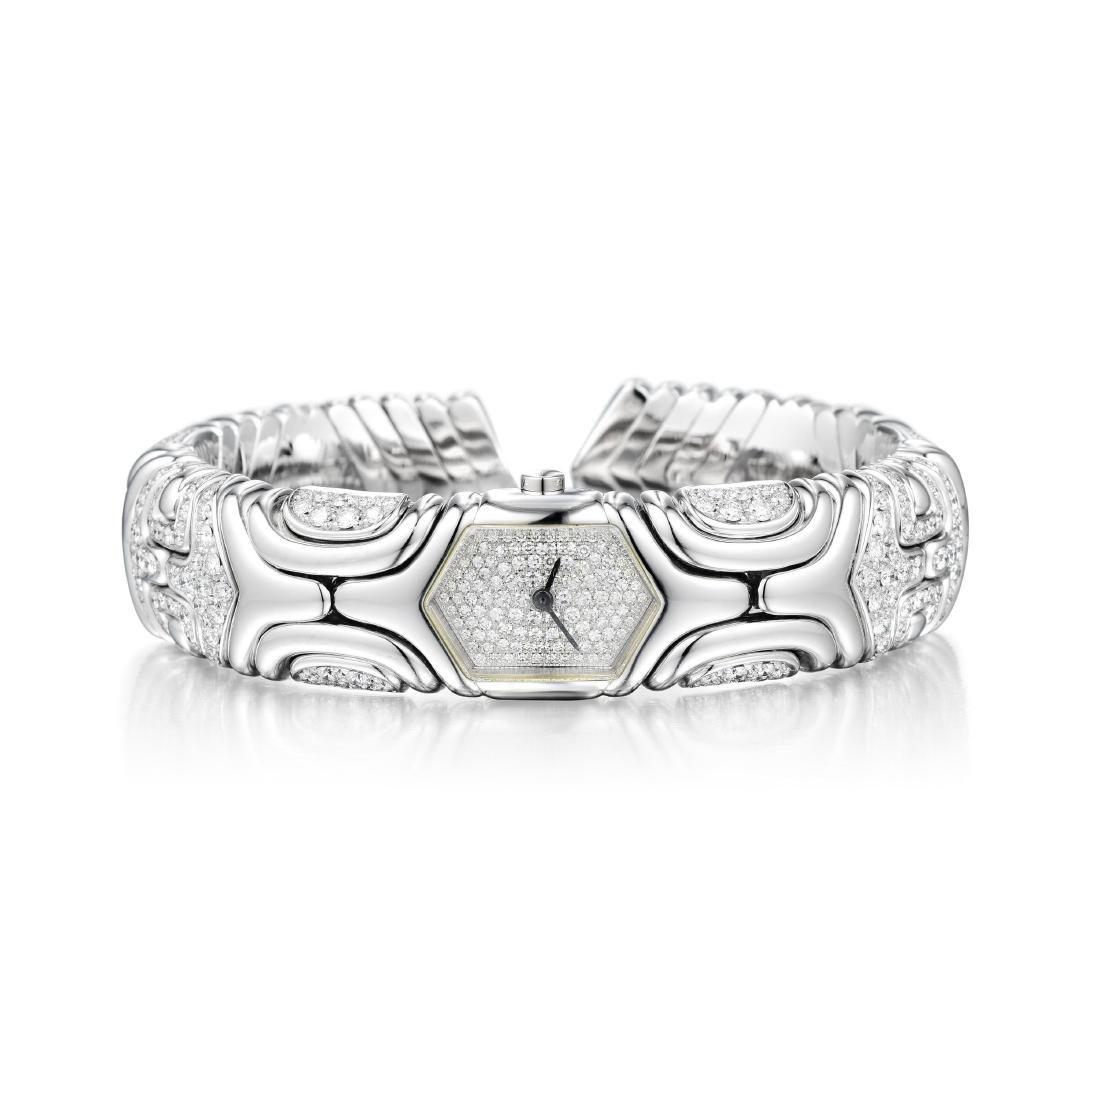 Bulgari Alveare Diamond Cuff Watch